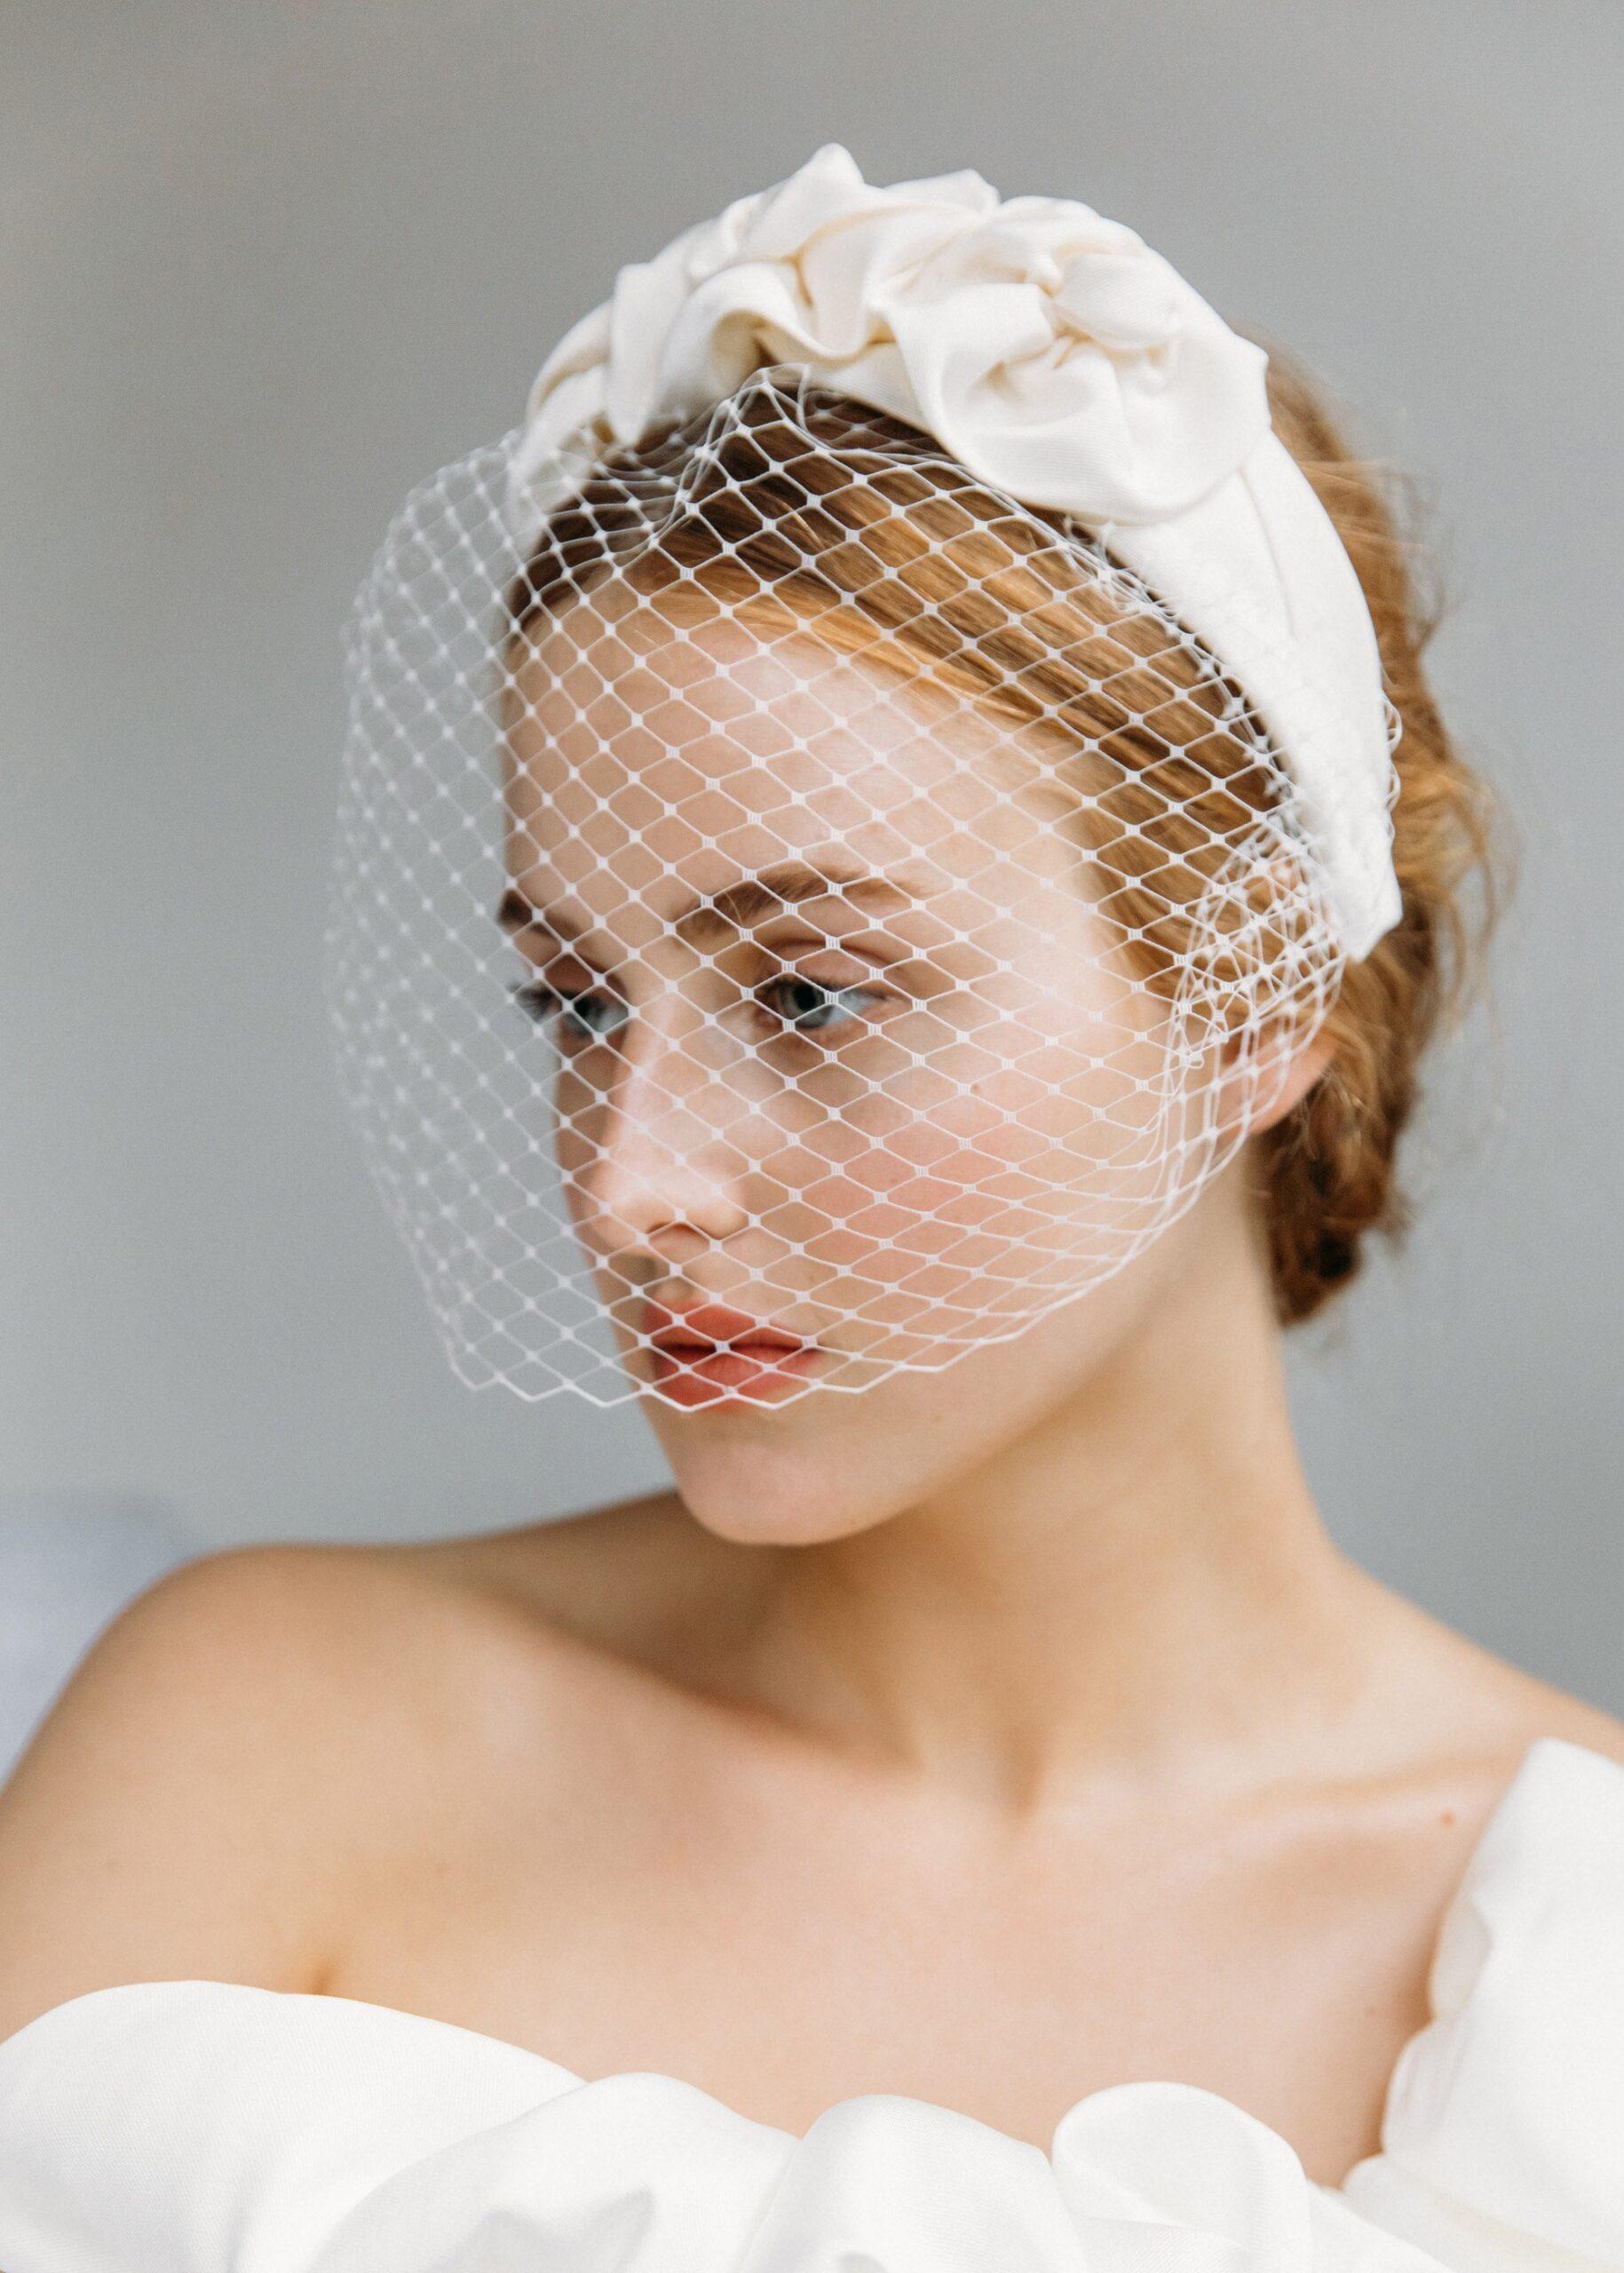 jennifer-behr-mini-veil-headband